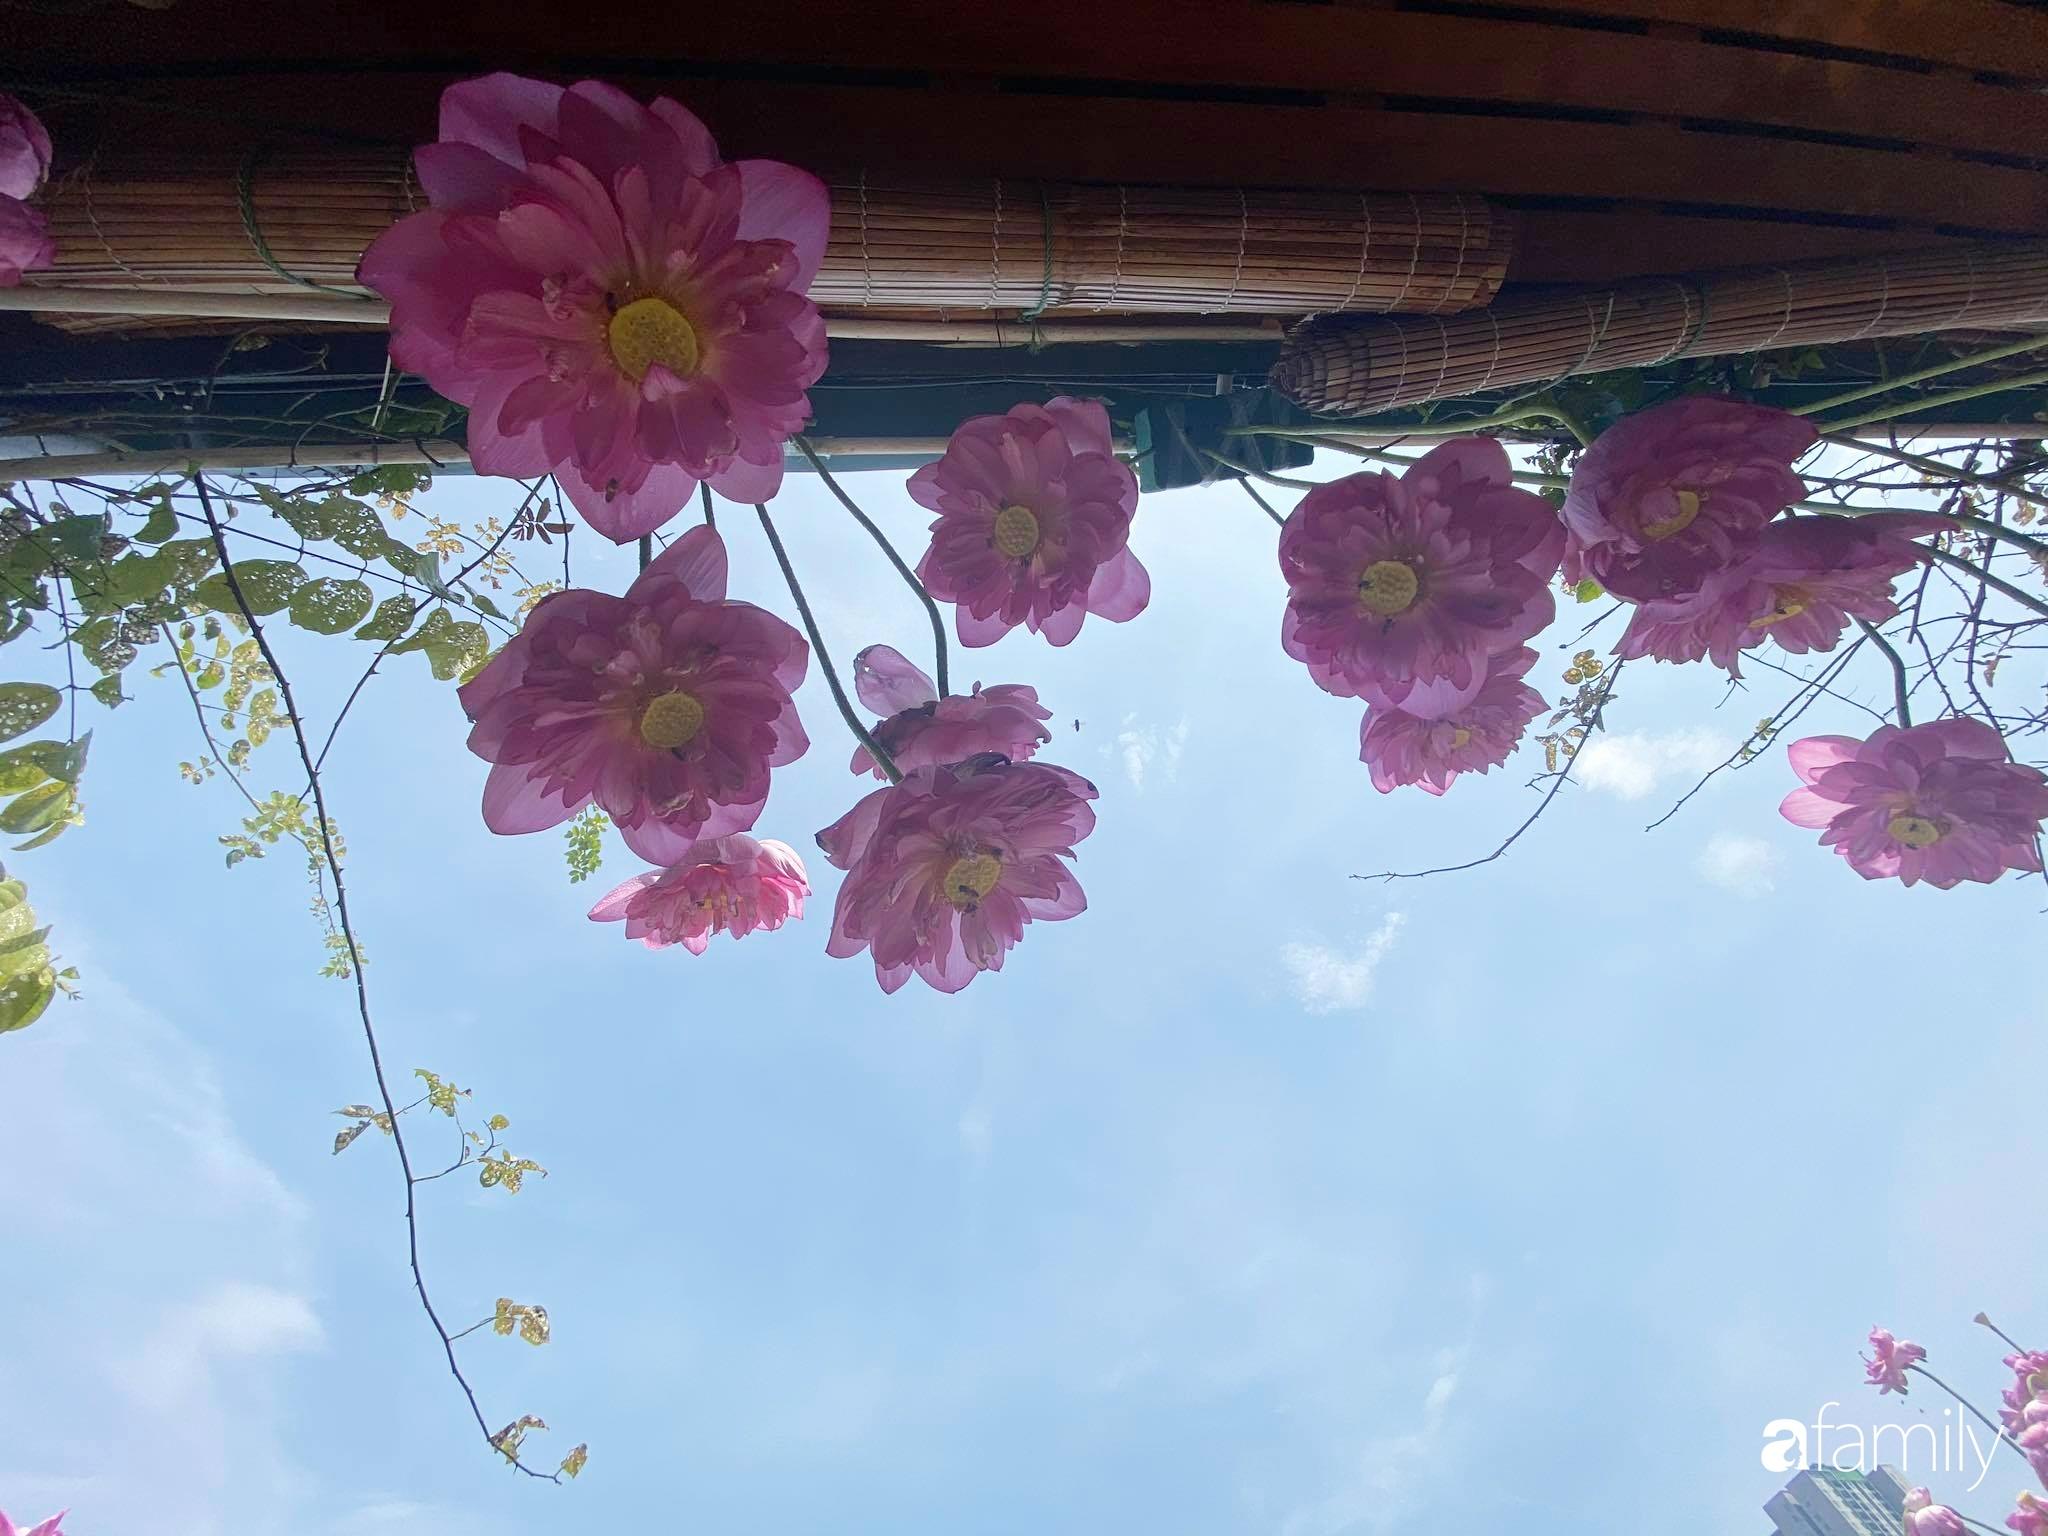 Bà mẹ Hà Nội tỉ mẩn dành 4 tiếng để tự cắm 1000 bông sen mang sắc màu mùa hạ lên sân thượng 200m² - Ảnh 12.